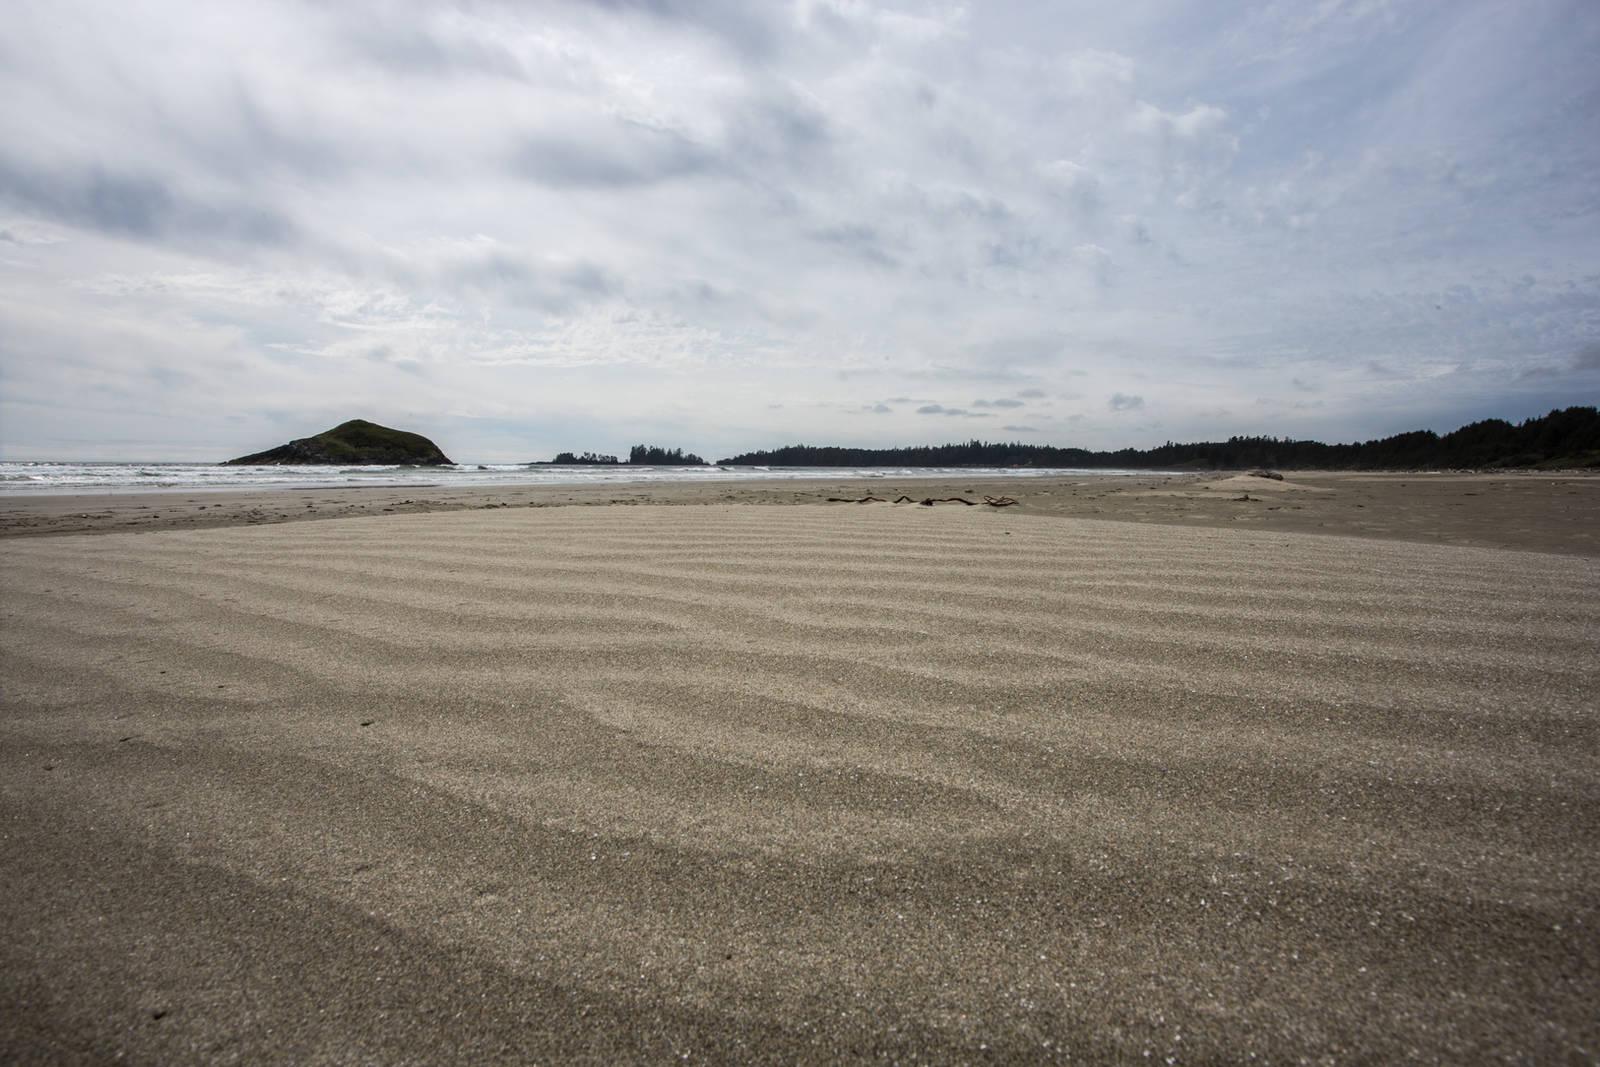 Beach Sand Stock 1 by leeorr-stock